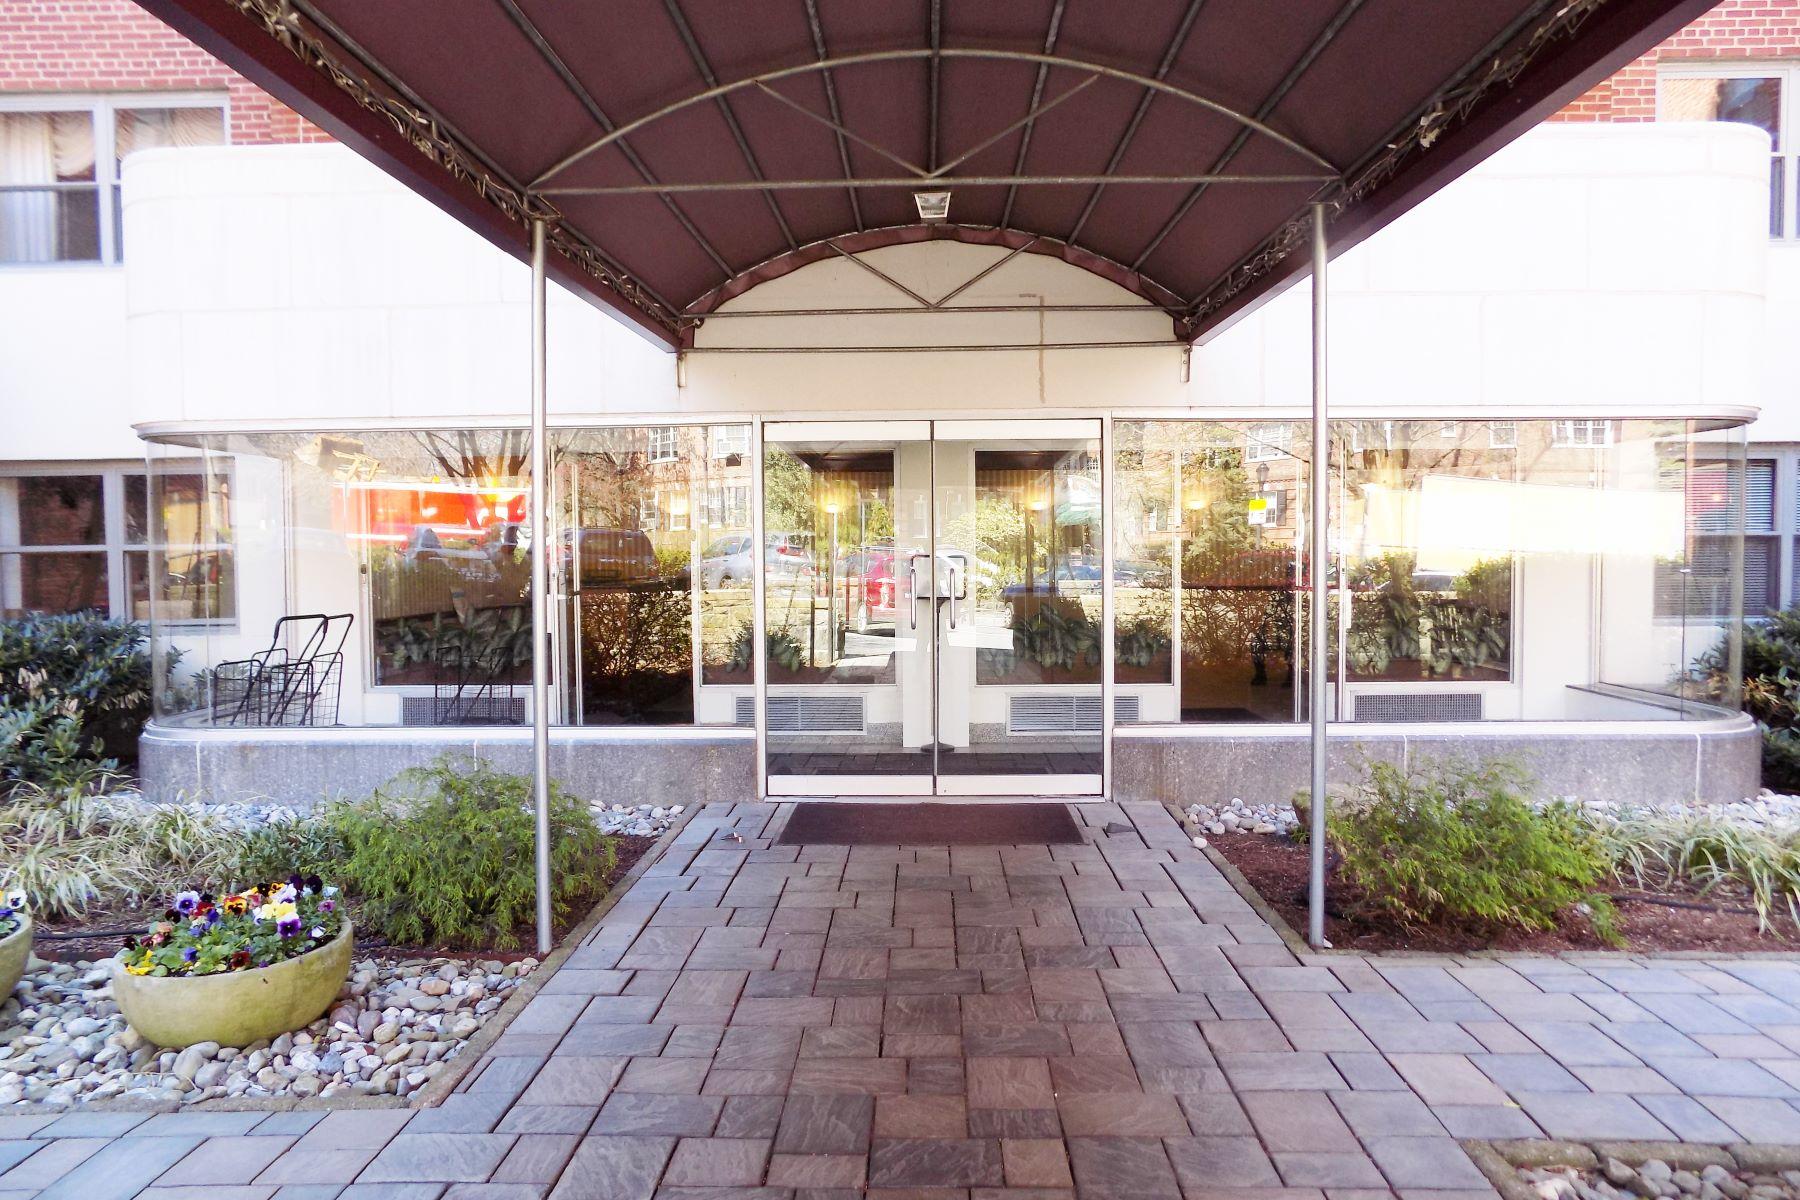 合作公寓 为 销售 在 Airy & spacious Co-op on Popham 50 Popham Road 4C 斯卡斯代尔, 纽约 10583 美国